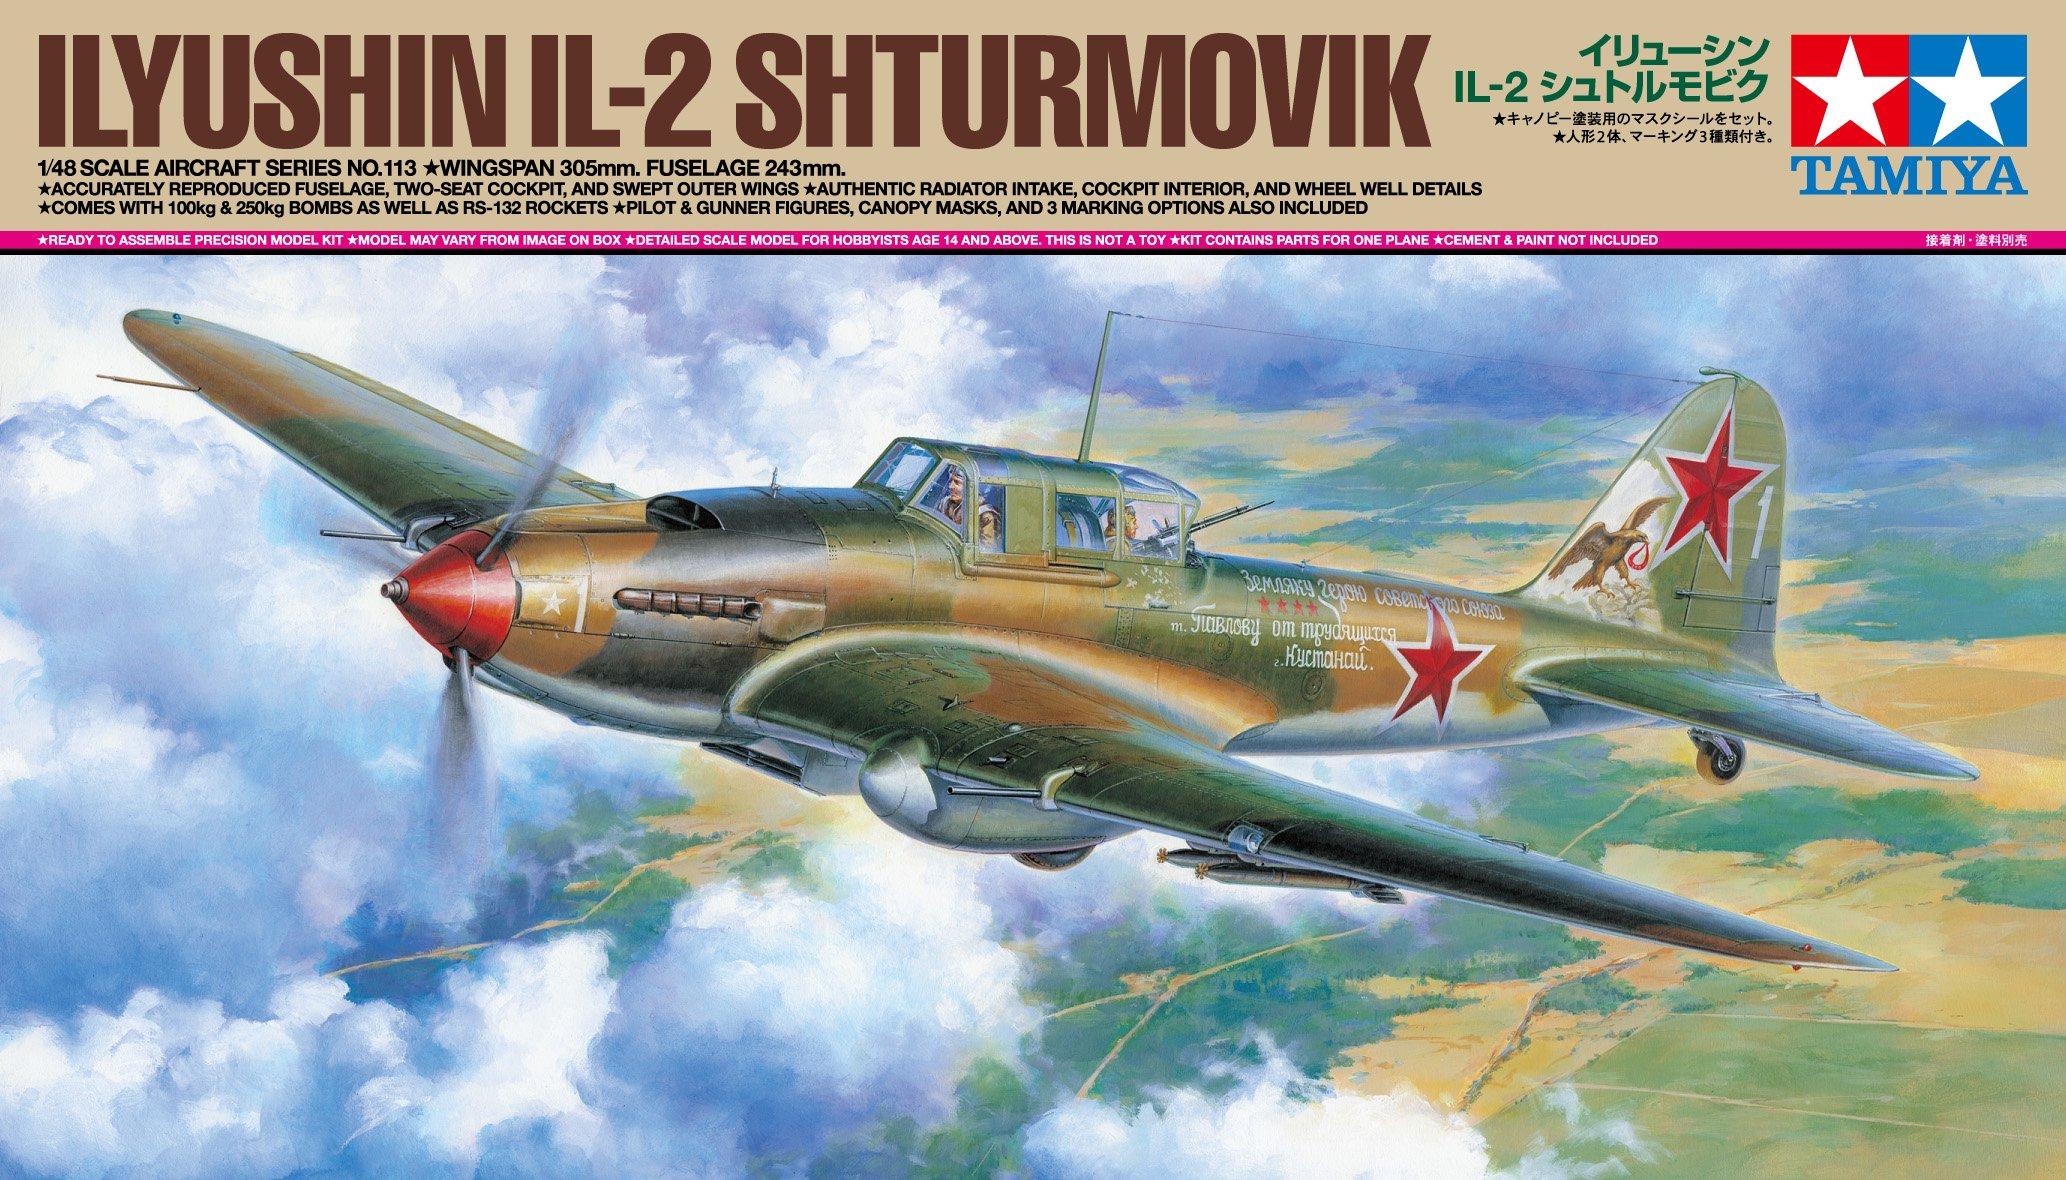 TAMIYA America, Inc 1/48 Ilyushin IL-2 Shturmovik Aircraft, TAM61113 3